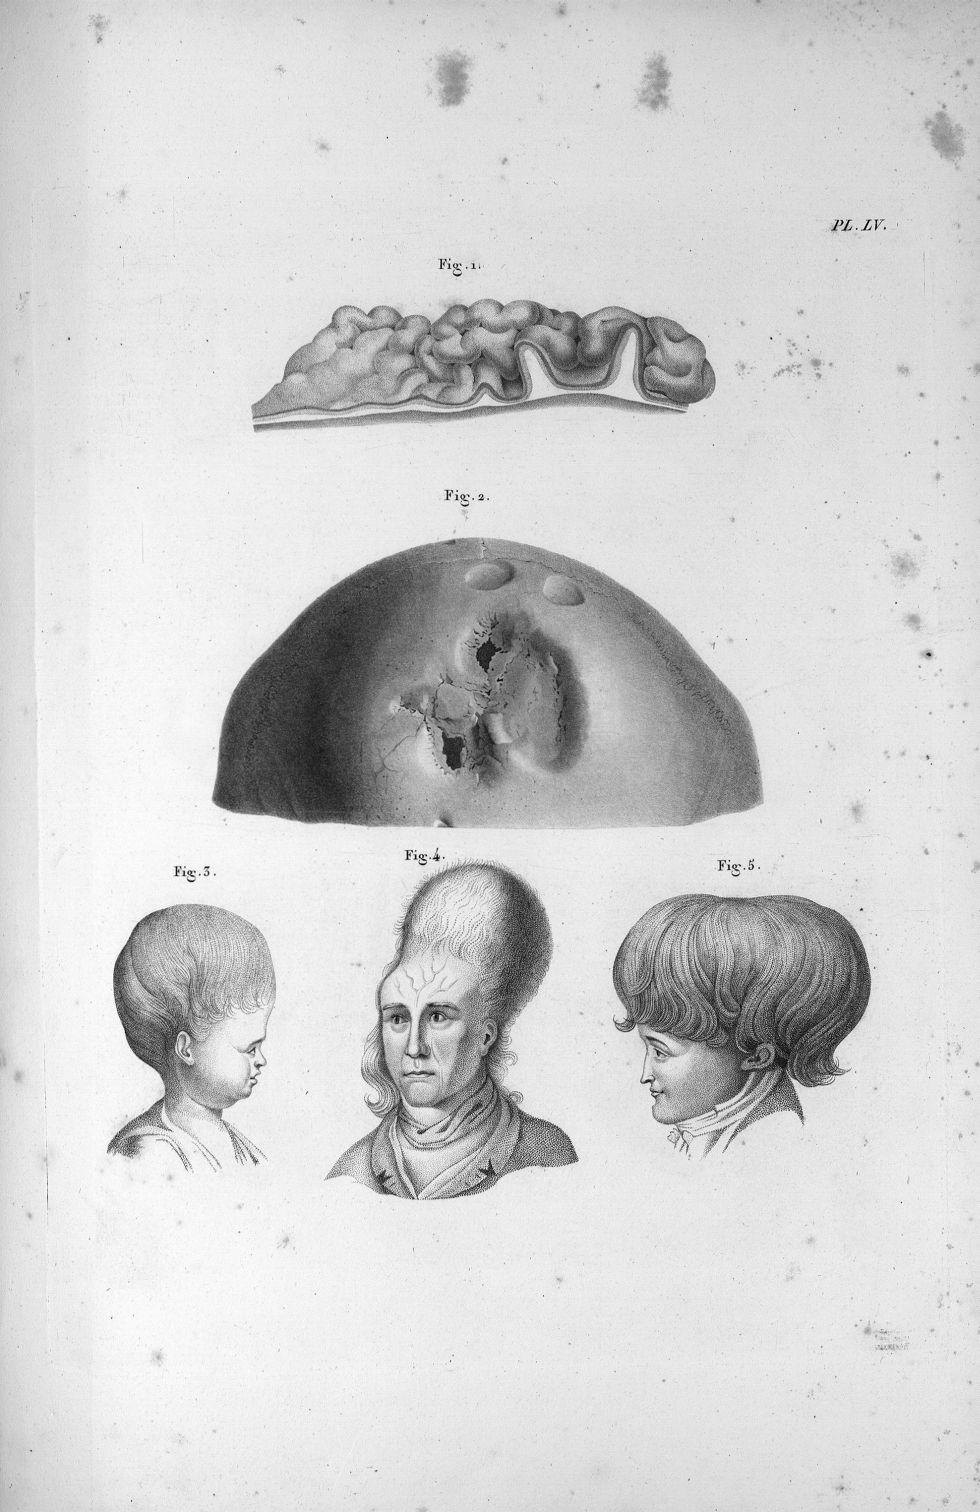 Pl. LIV. Deux crânes extraordinaires, dont fig. I est tout-à-fait déprimé dans sa partie supérieure- [...] - Anatomie. Neurologie. Crânes (malformations). Phrénologie. 19e siècle (France) - med00575x03x0305